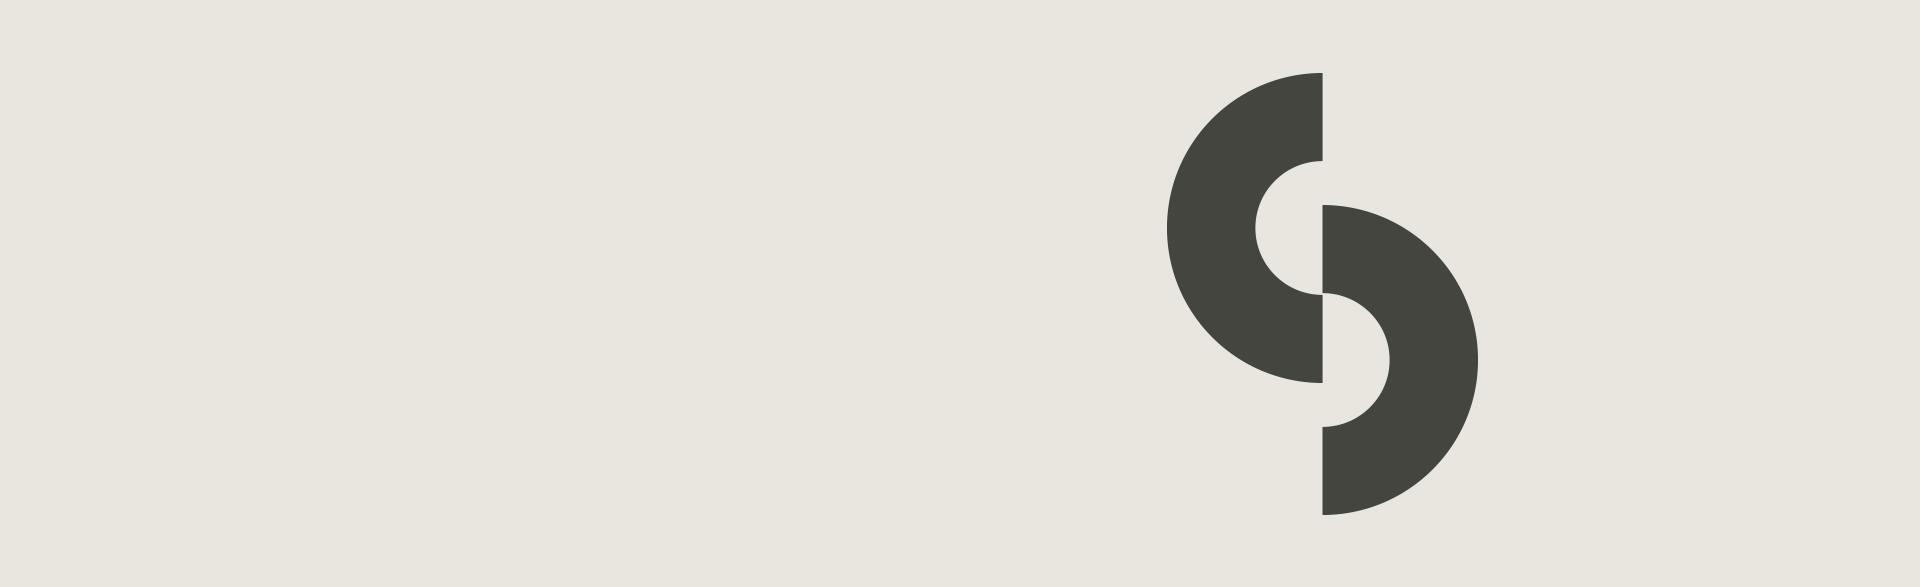 Logo der therapeutin Sarah Schumann - zwei halbe Ringe, die ein S bilden und zusammengefügt einen Kreis ergeben würden